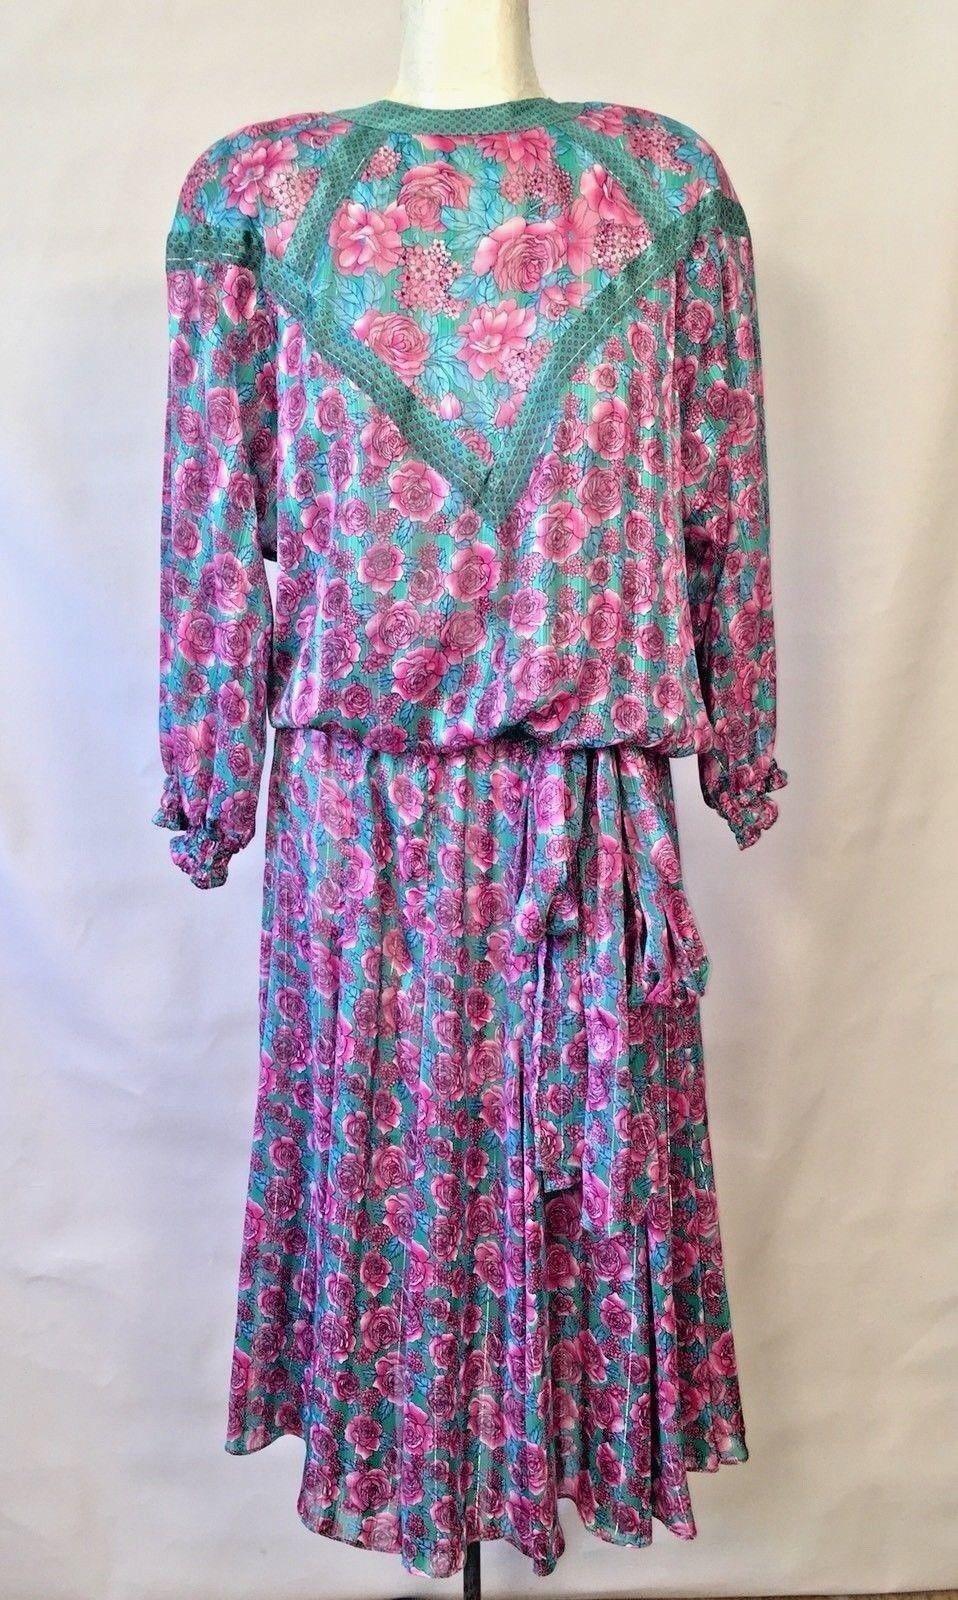 VTG 80s DIANE FREIS Dress Floral Pink pinks Boho Pretty Flutter Spring M